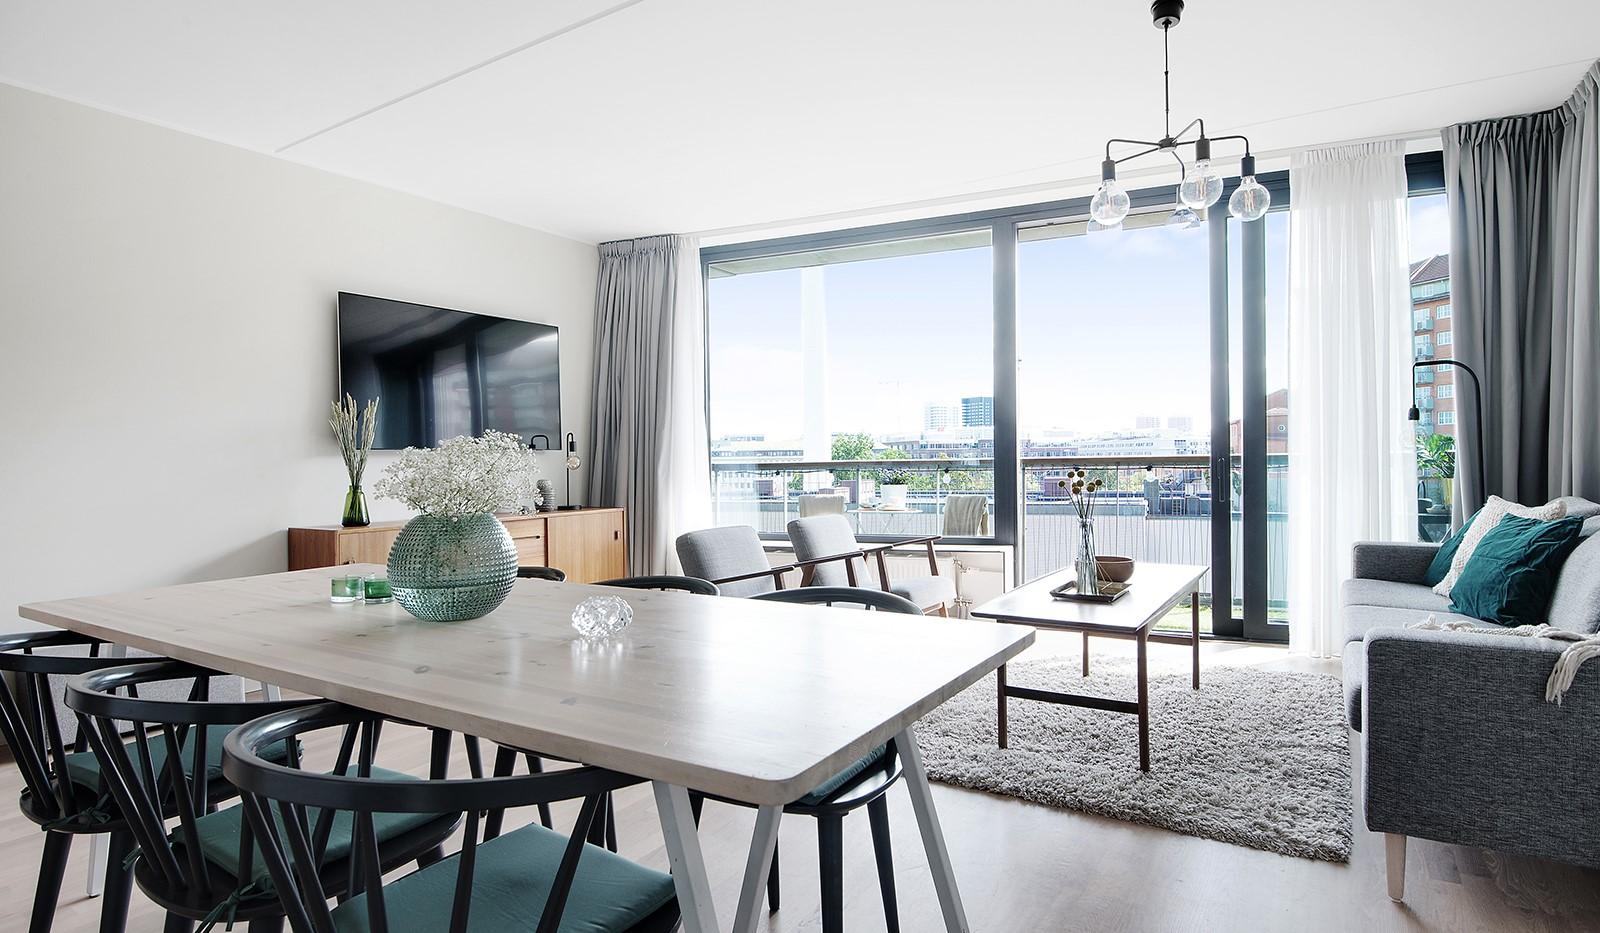 Liljeholmsvägen 12, 6tr - Underbart läge med fri utsikt och stora fönster